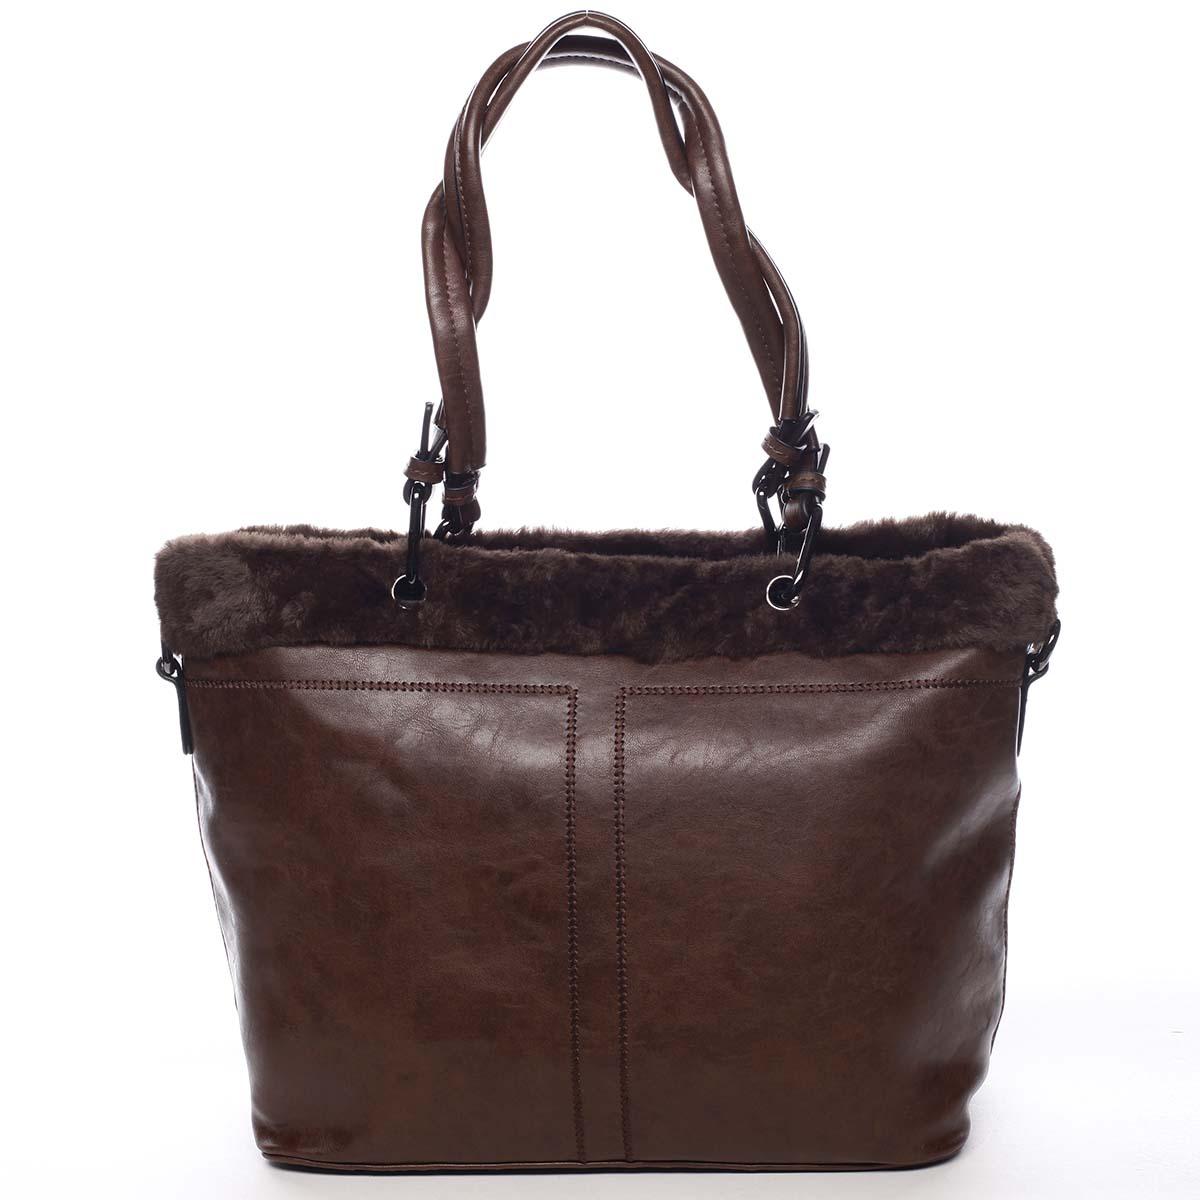 Dámská kabelka přes rameno kávově hnědá - Maria C Lyra